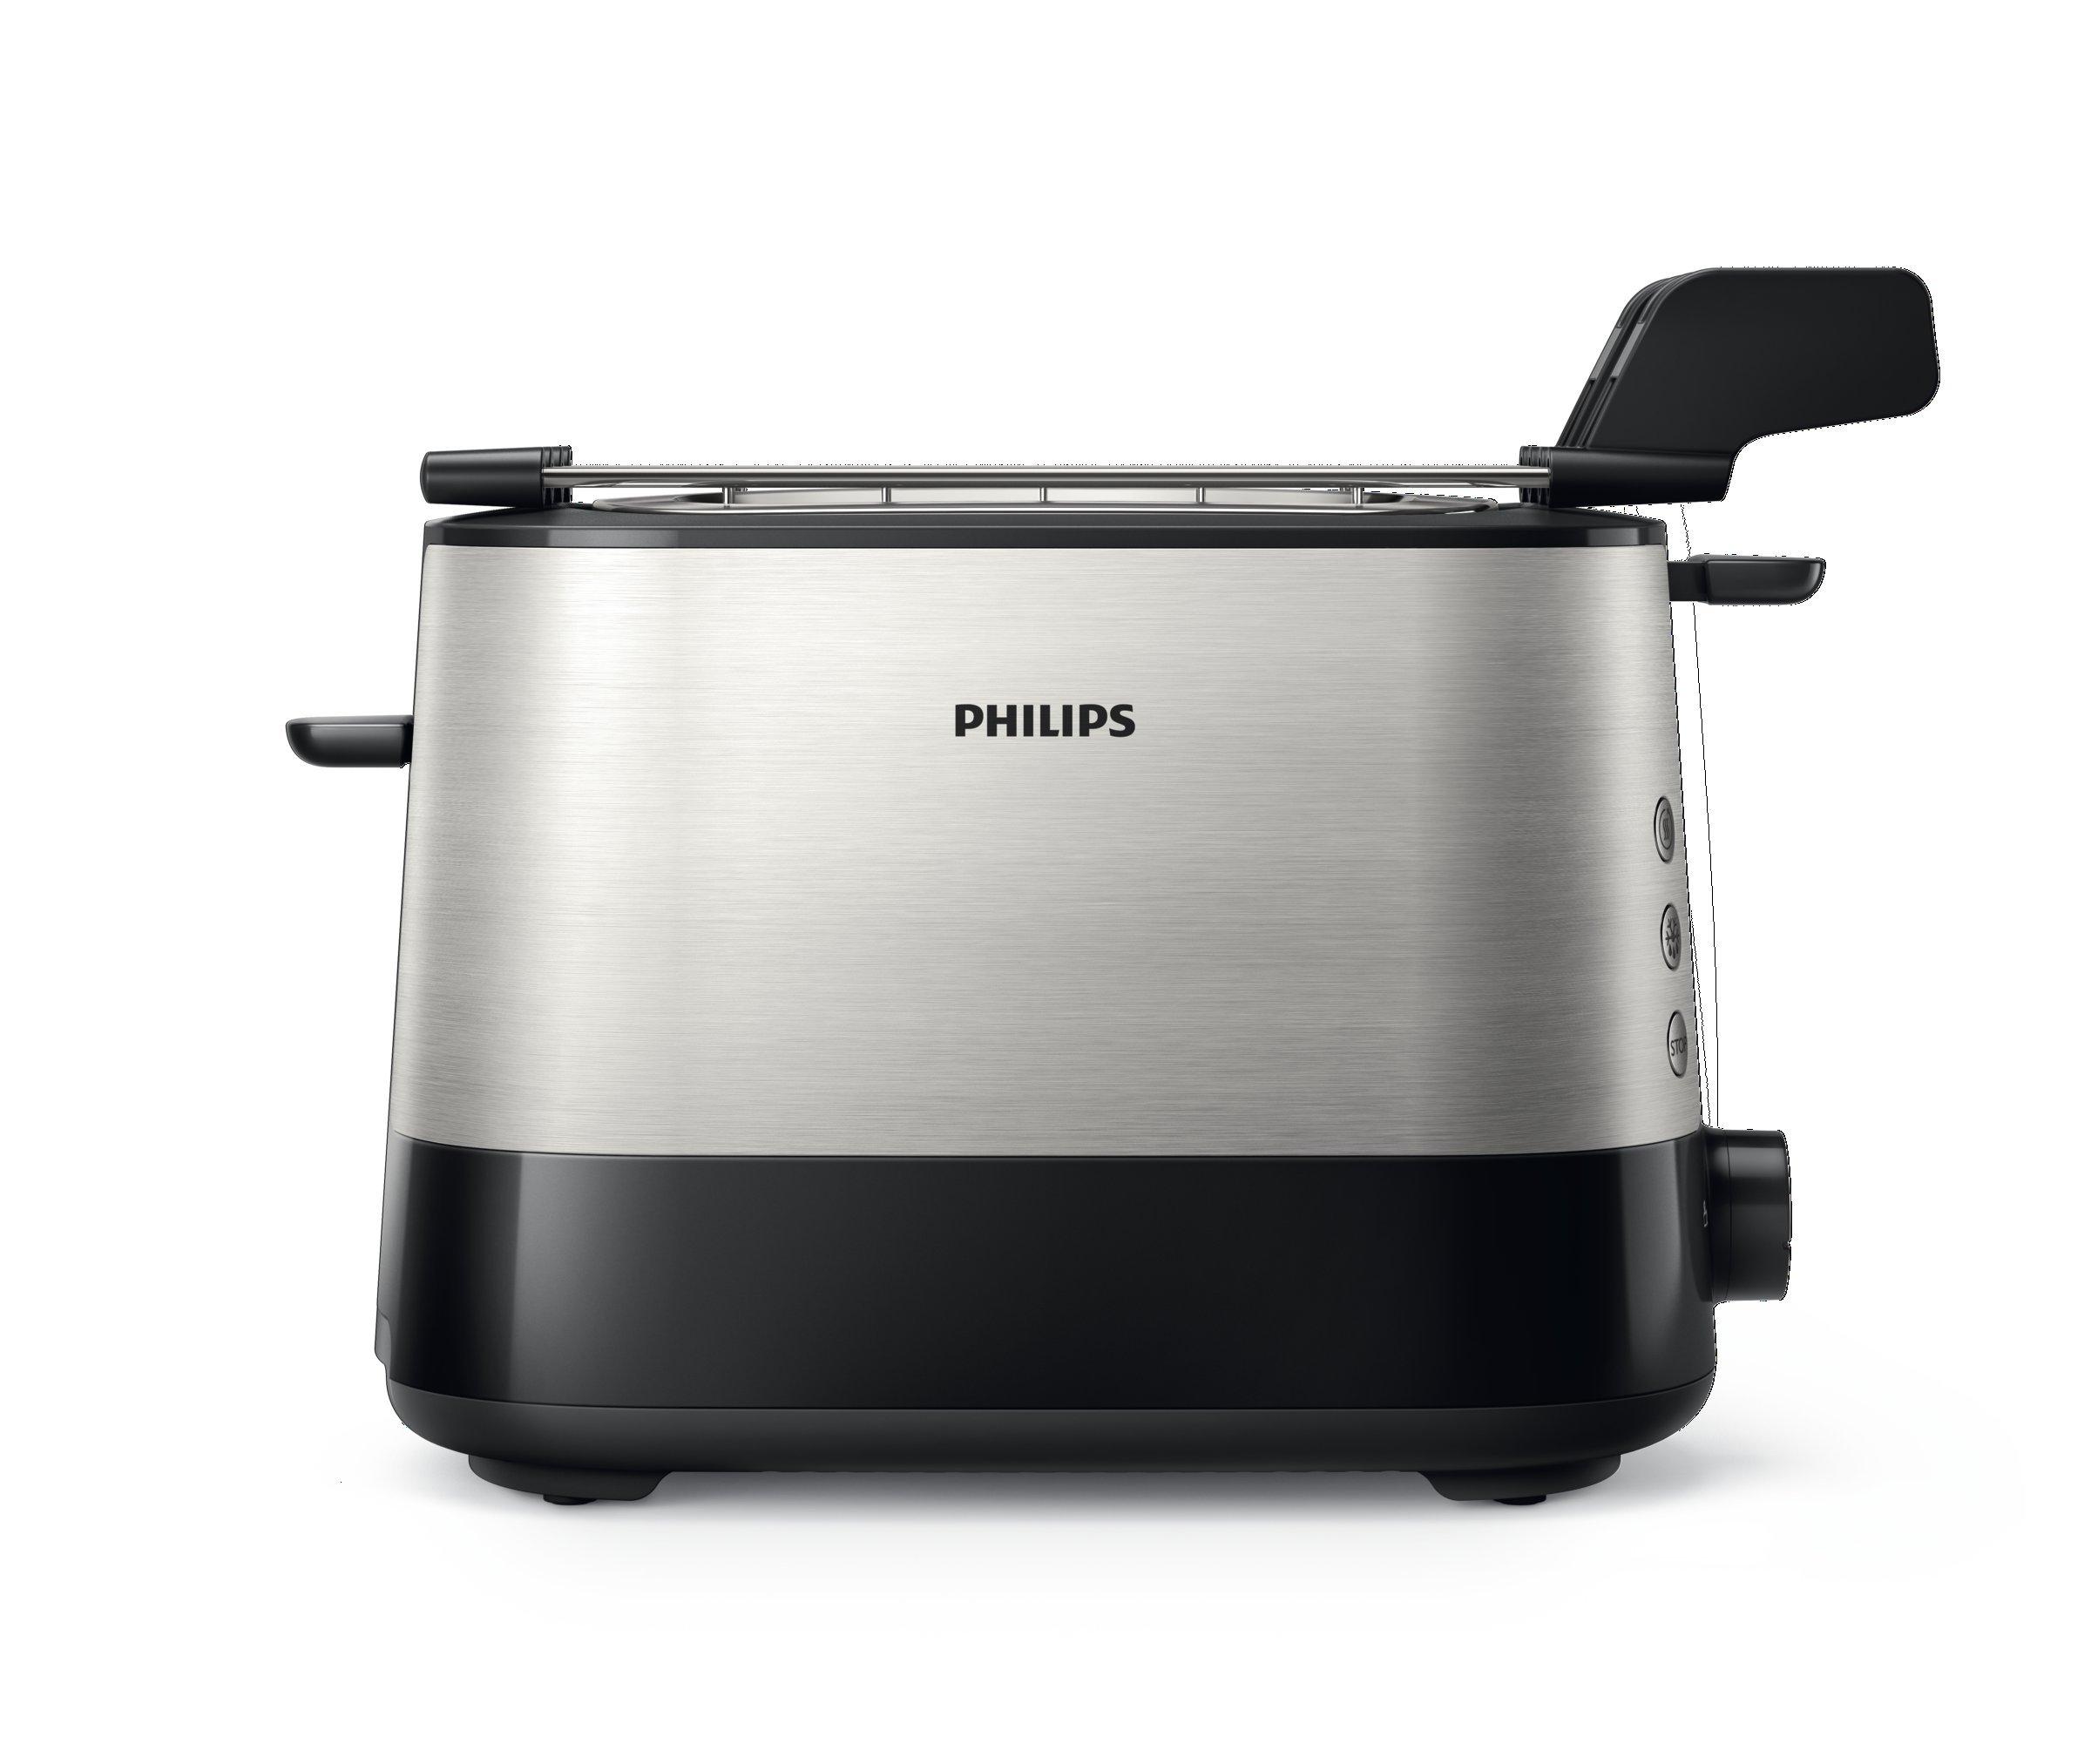 Philips-HD263990–Toaster-730-W-extra-groer-Schlitz-Zubehr-fr-Sandwichs-Schwarz-und-Silber